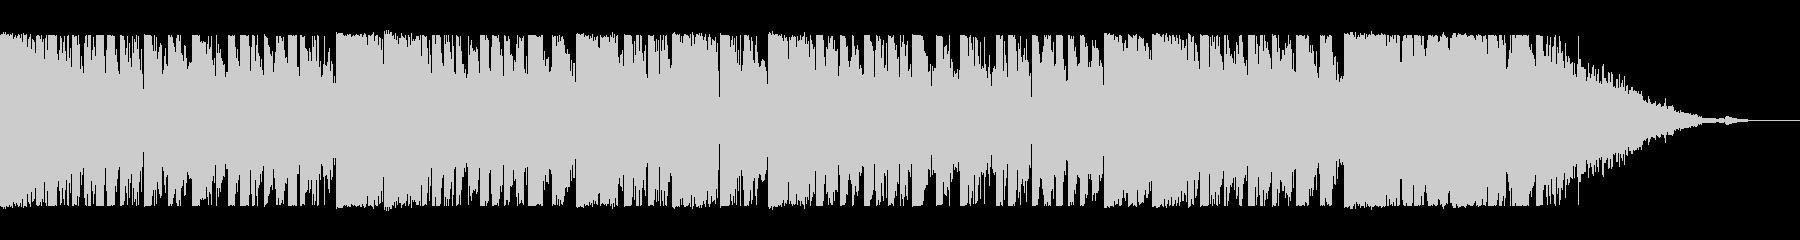 和風なジングル3 琴と和太鼓 EDMの未再生の波形